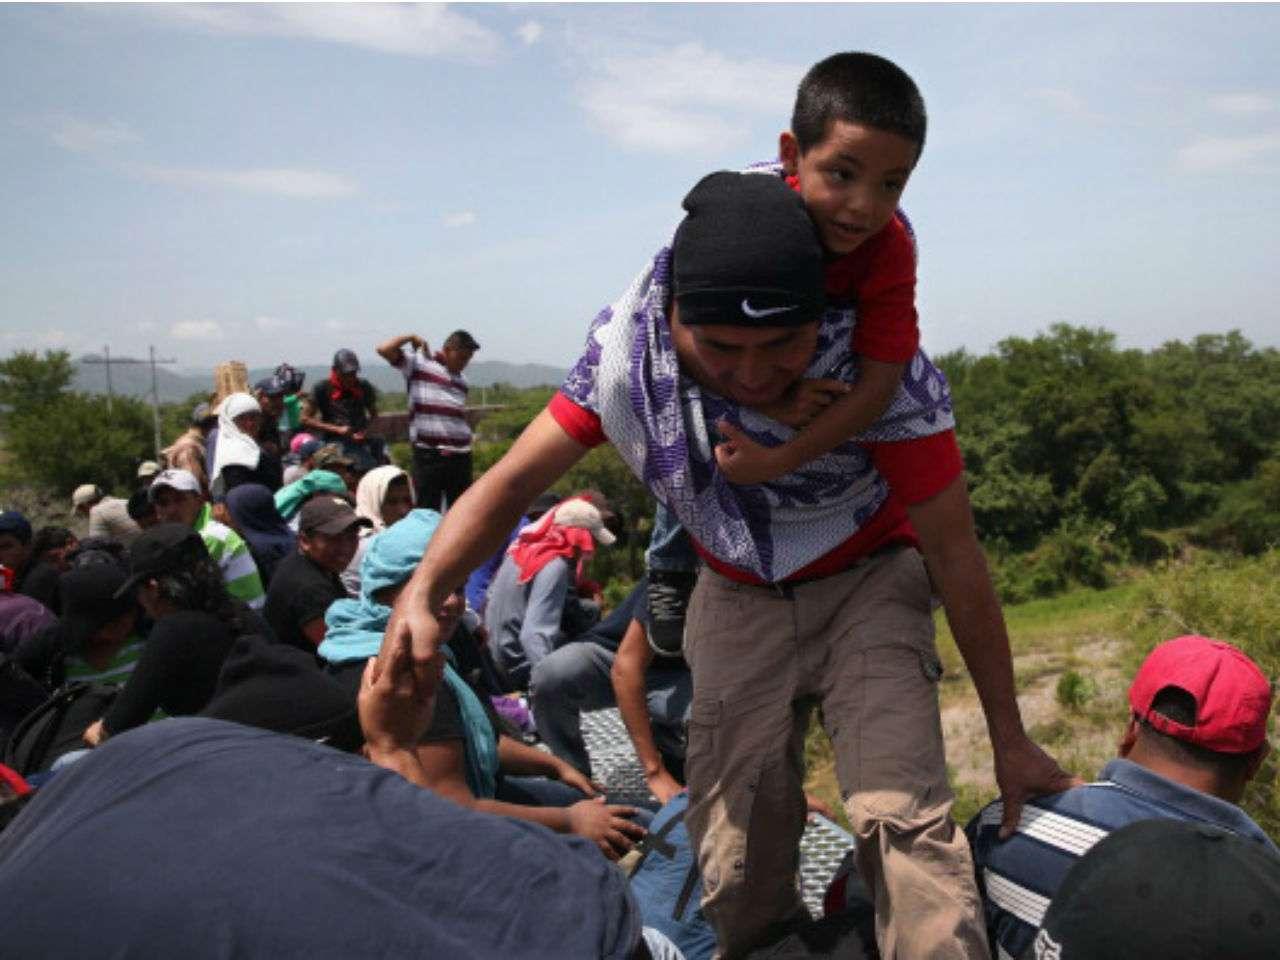 Sin embargo, las autoridades mexicanas no tienen excusa para ignorar los derechos fundamentales de las personas migrantes, señala Amnistía Internacional. Foto: Archivo/Getty Images